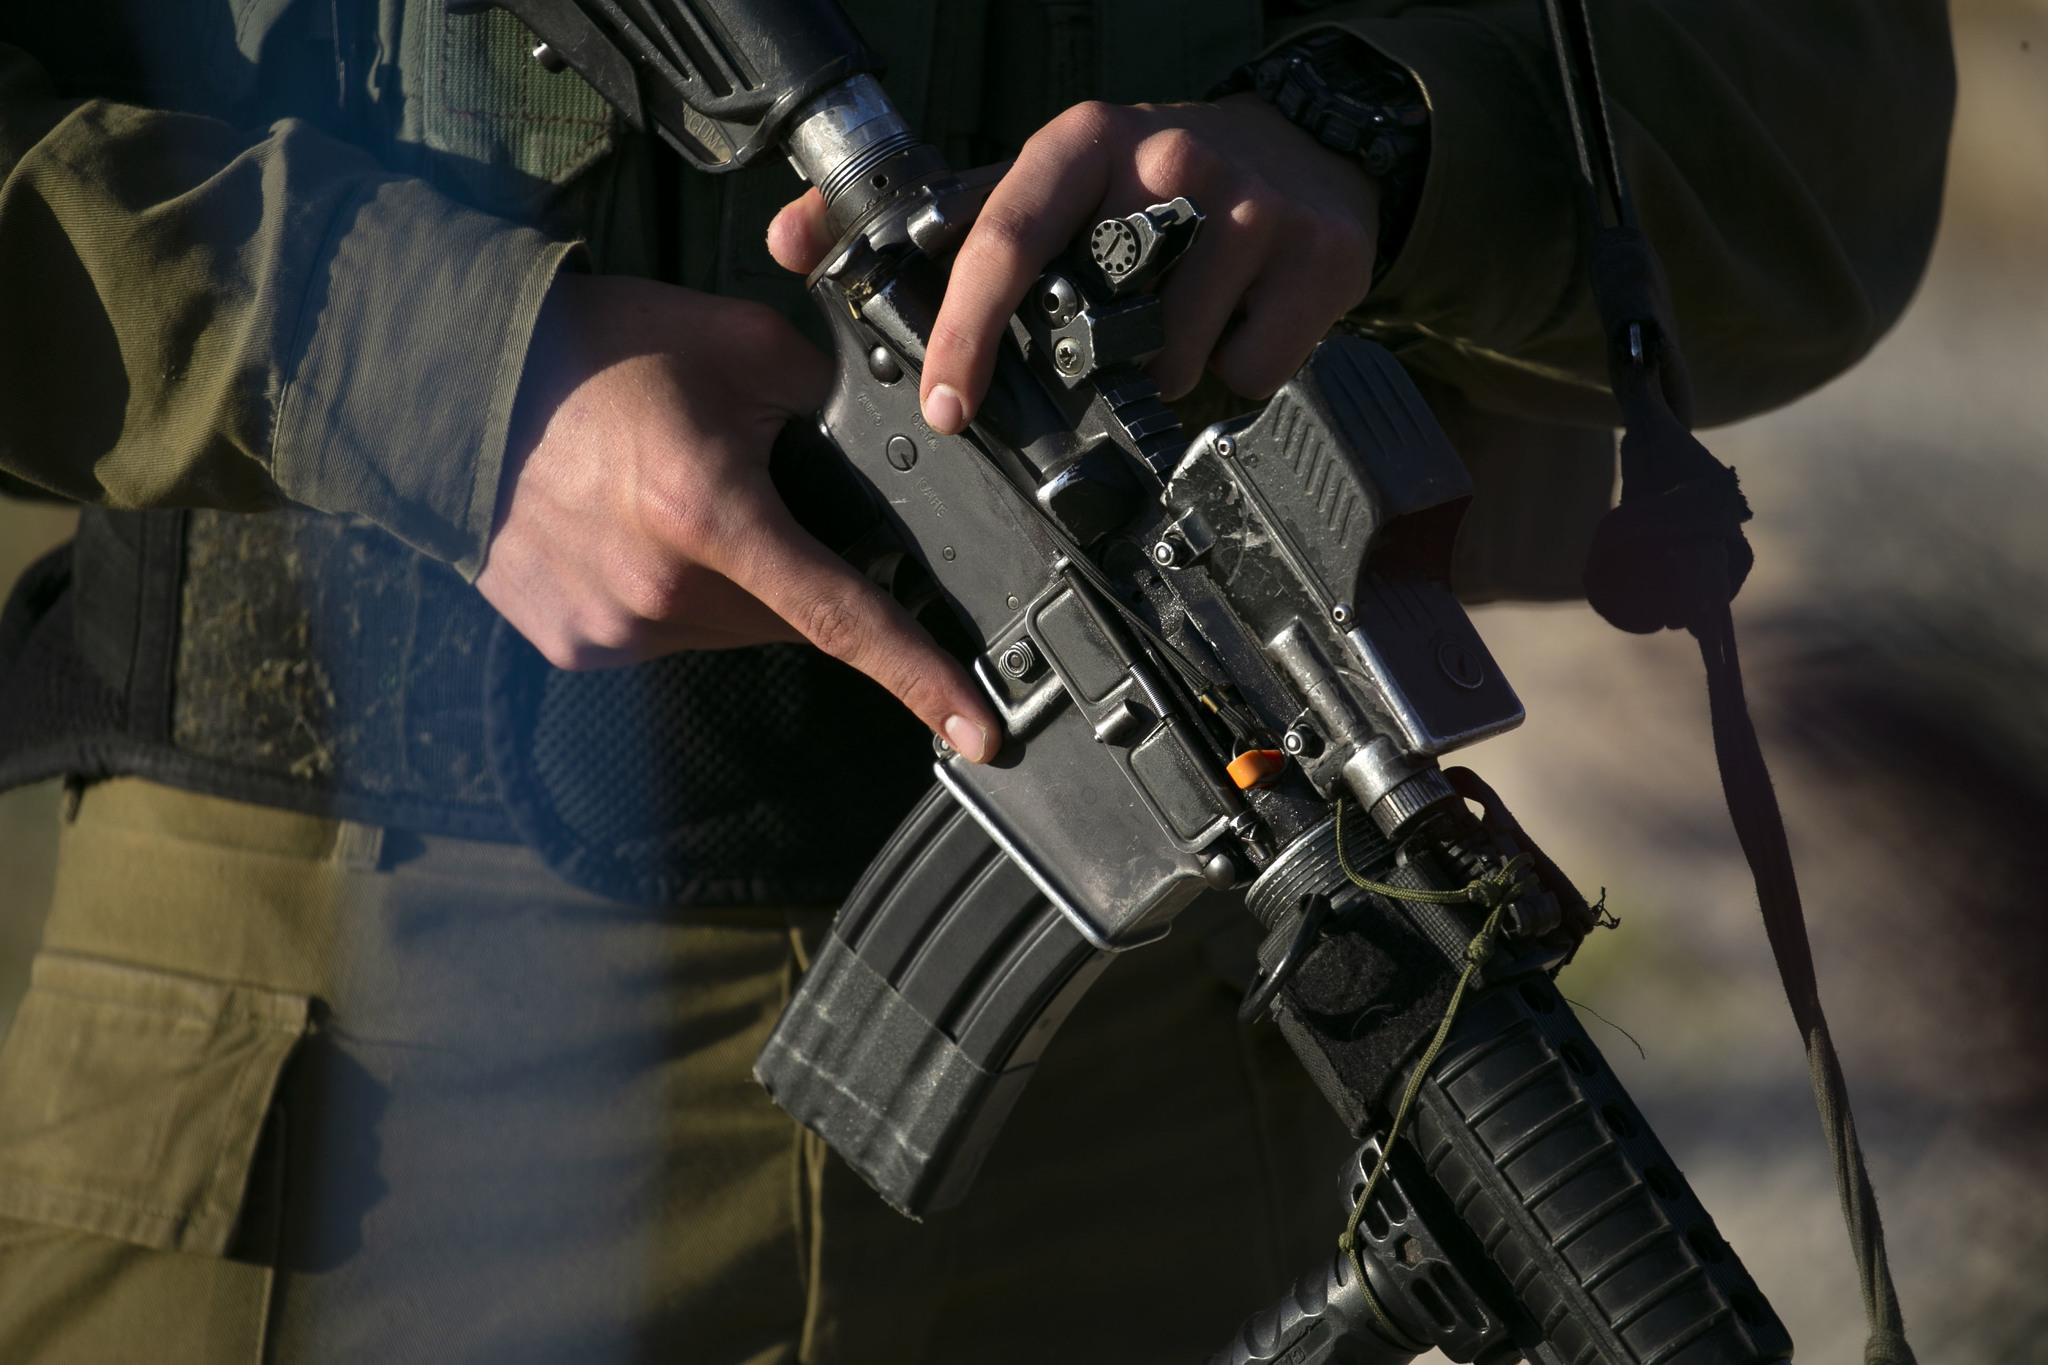 La Policía israelí mata a un palestino desarmado en la Ciudad Vieja de Jerusalén